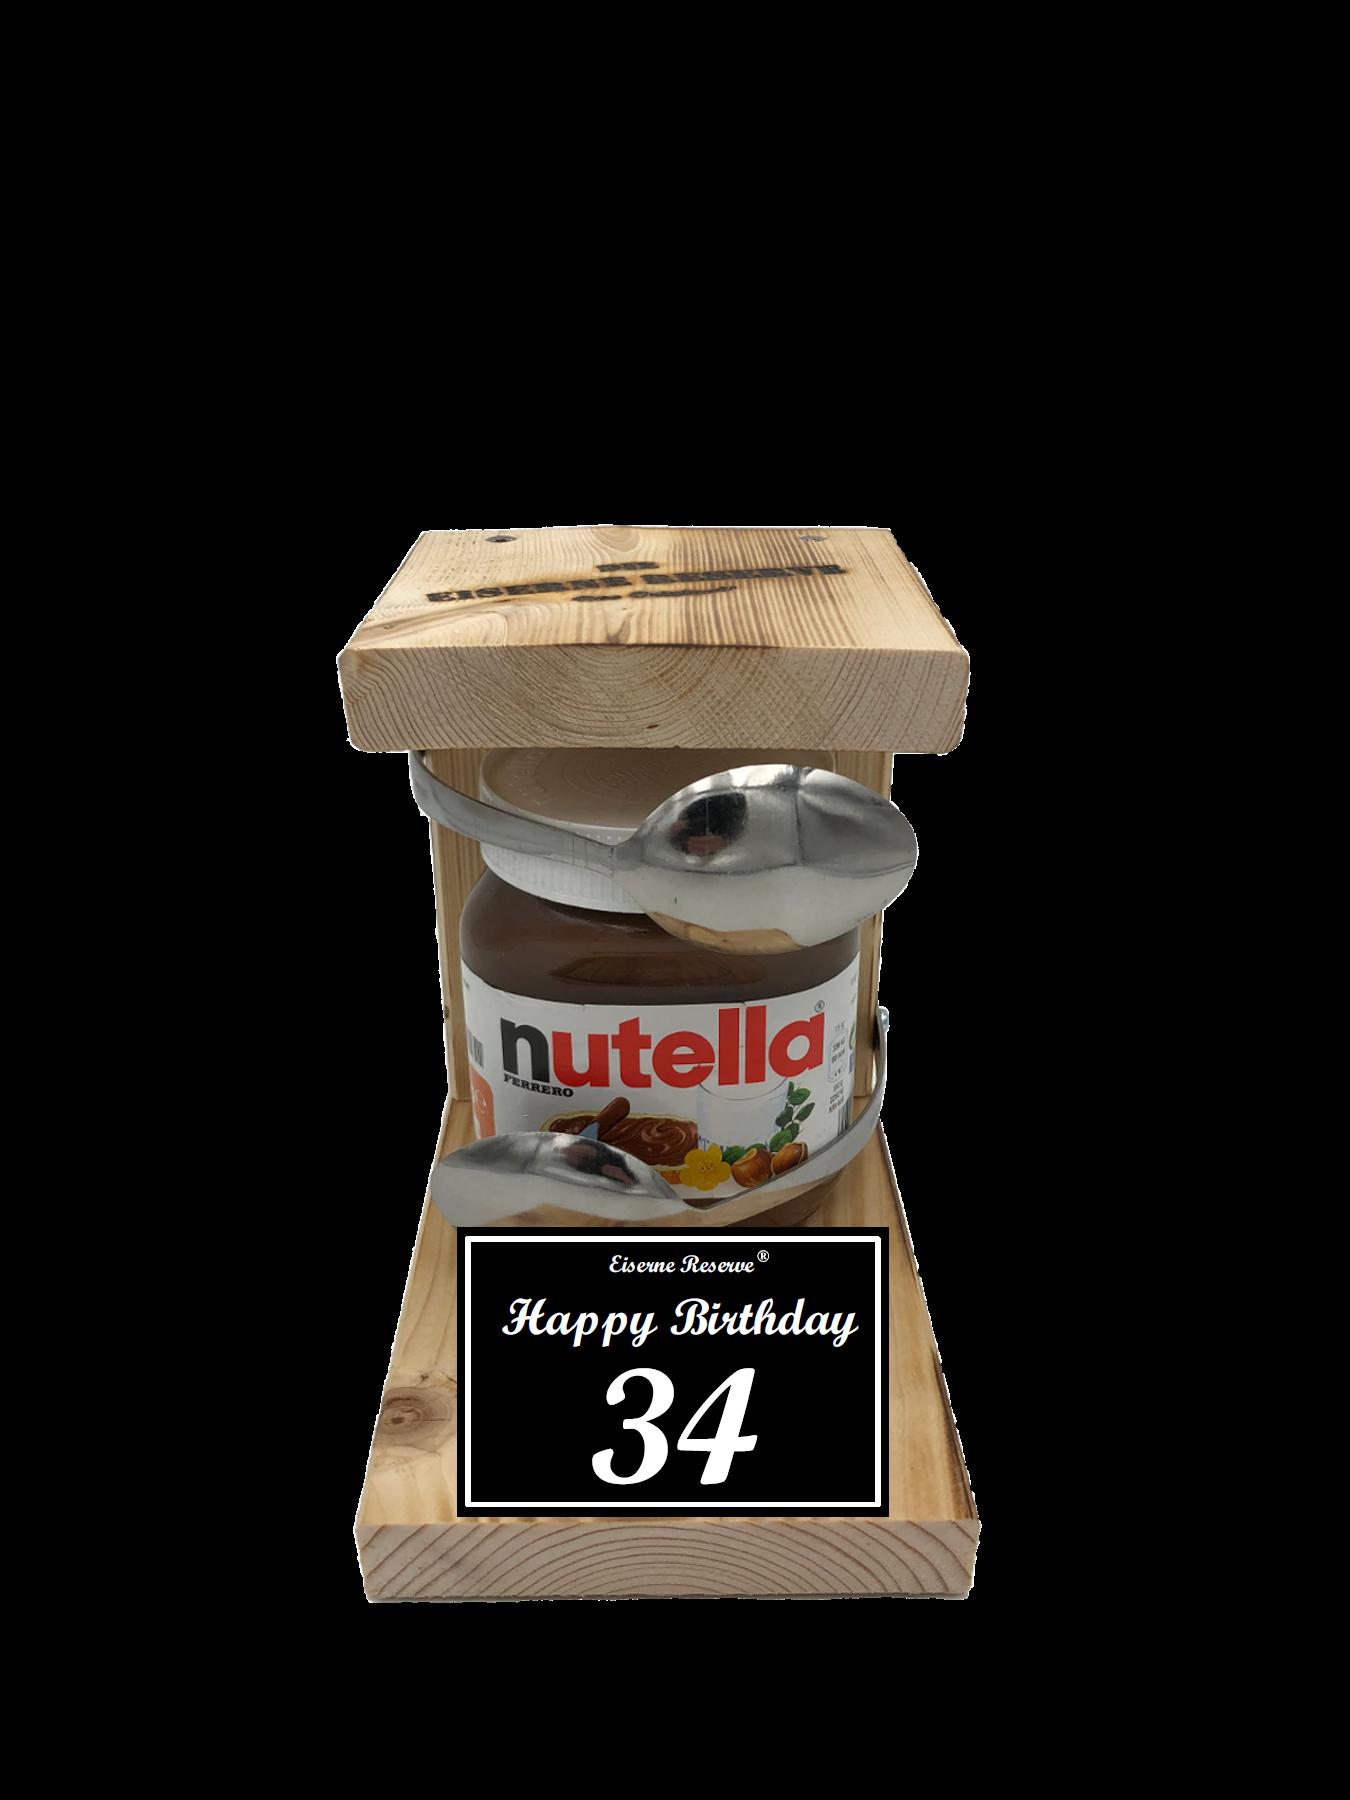 34 Happy Birthday Löffel Nutella Geschenk - Die Nutella Geschenkidee